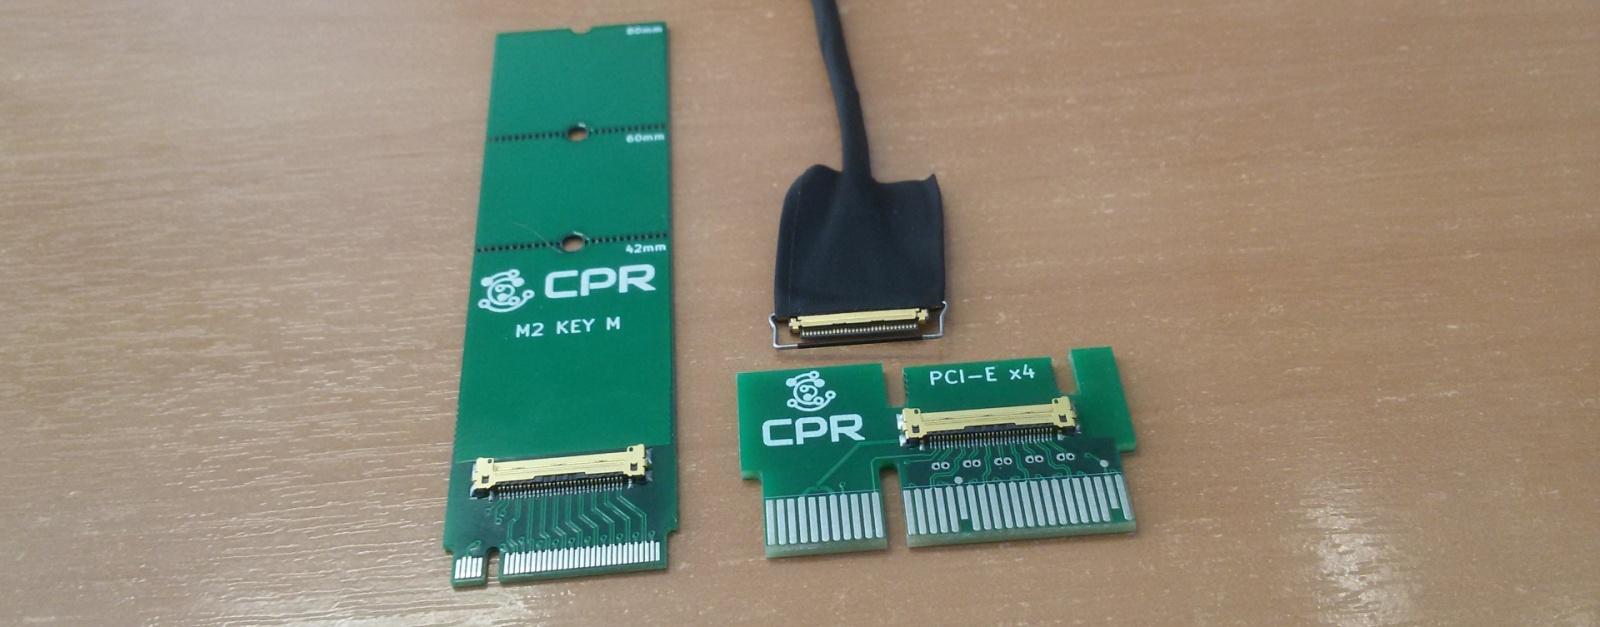 Что нам стоит PCI-E райзер свой построить - 10